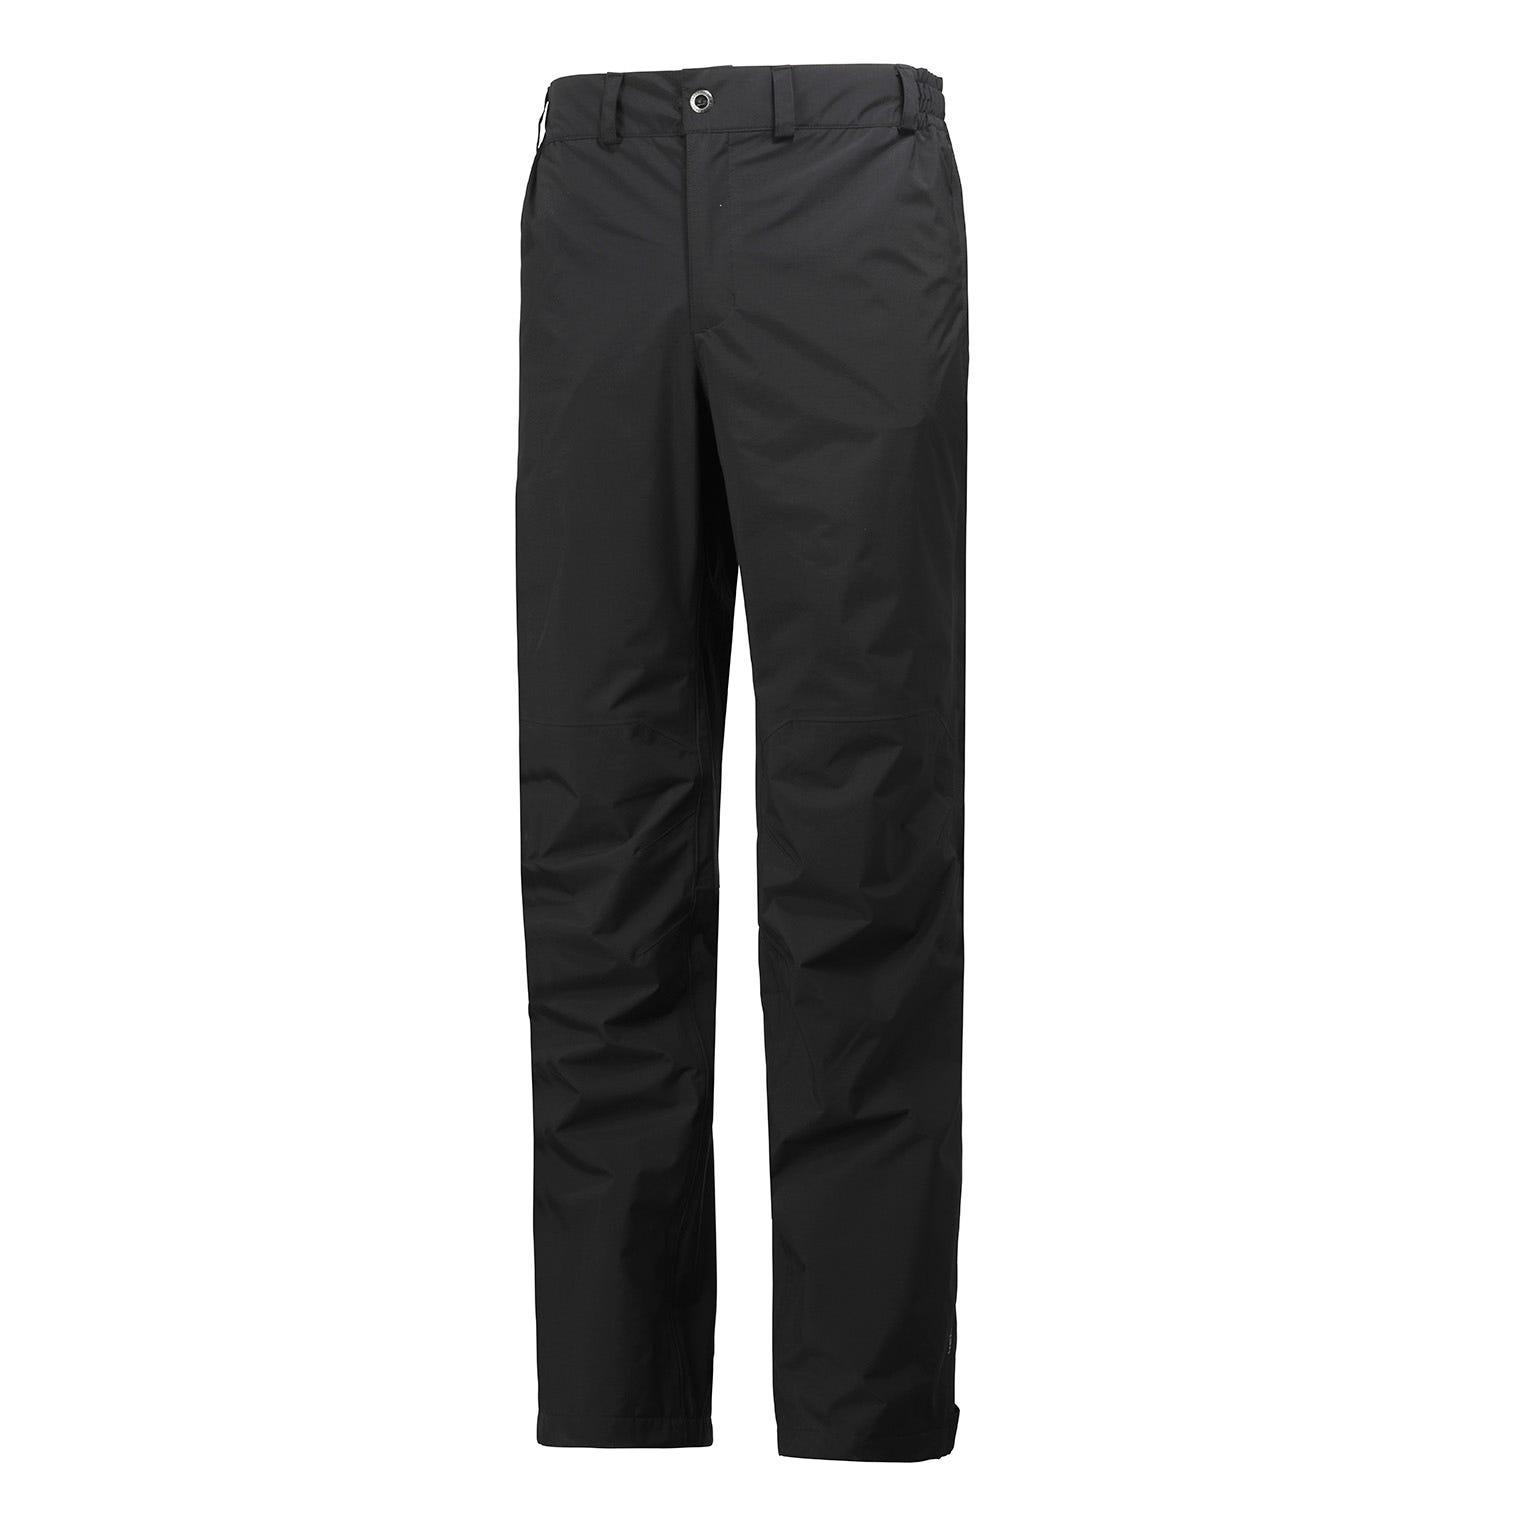 Helly Hansen hombres empaquetable pantalon de agua Negro S